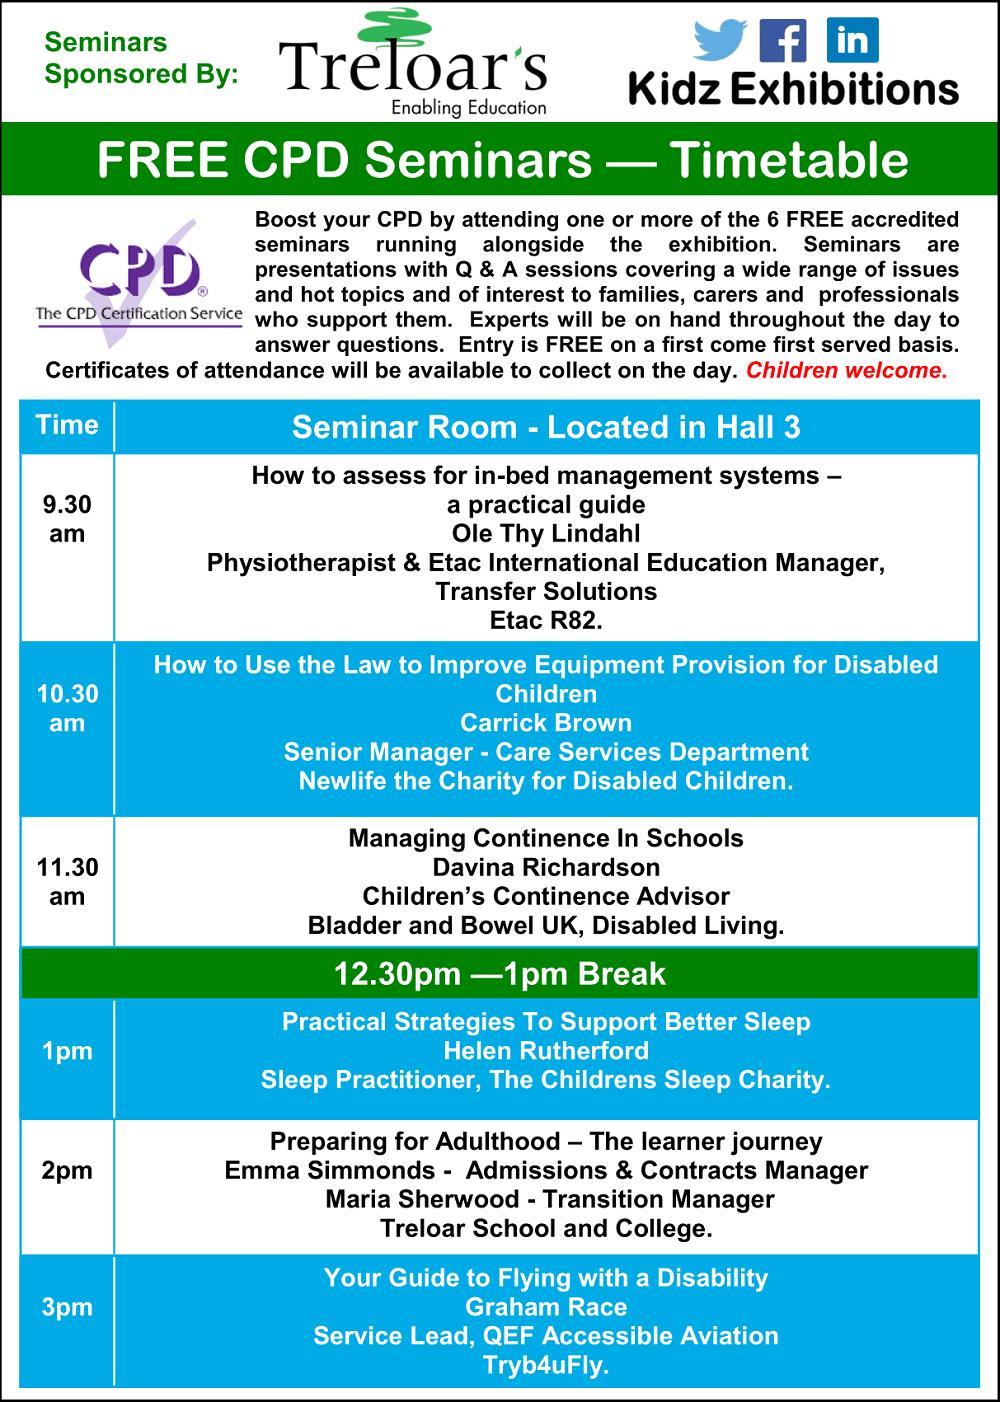 kidz-wales-west-cpd-seminar-schedule